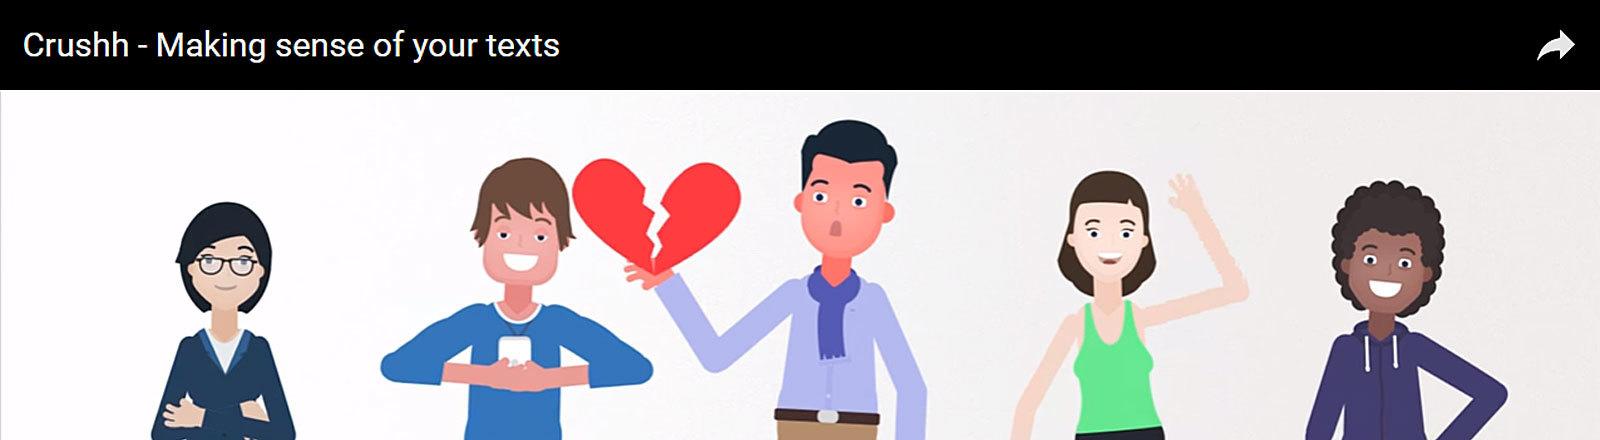 Crushh App, Screenshot Youtube-Video, 5 Cartoon-Figuren, zerbrochenes Herz